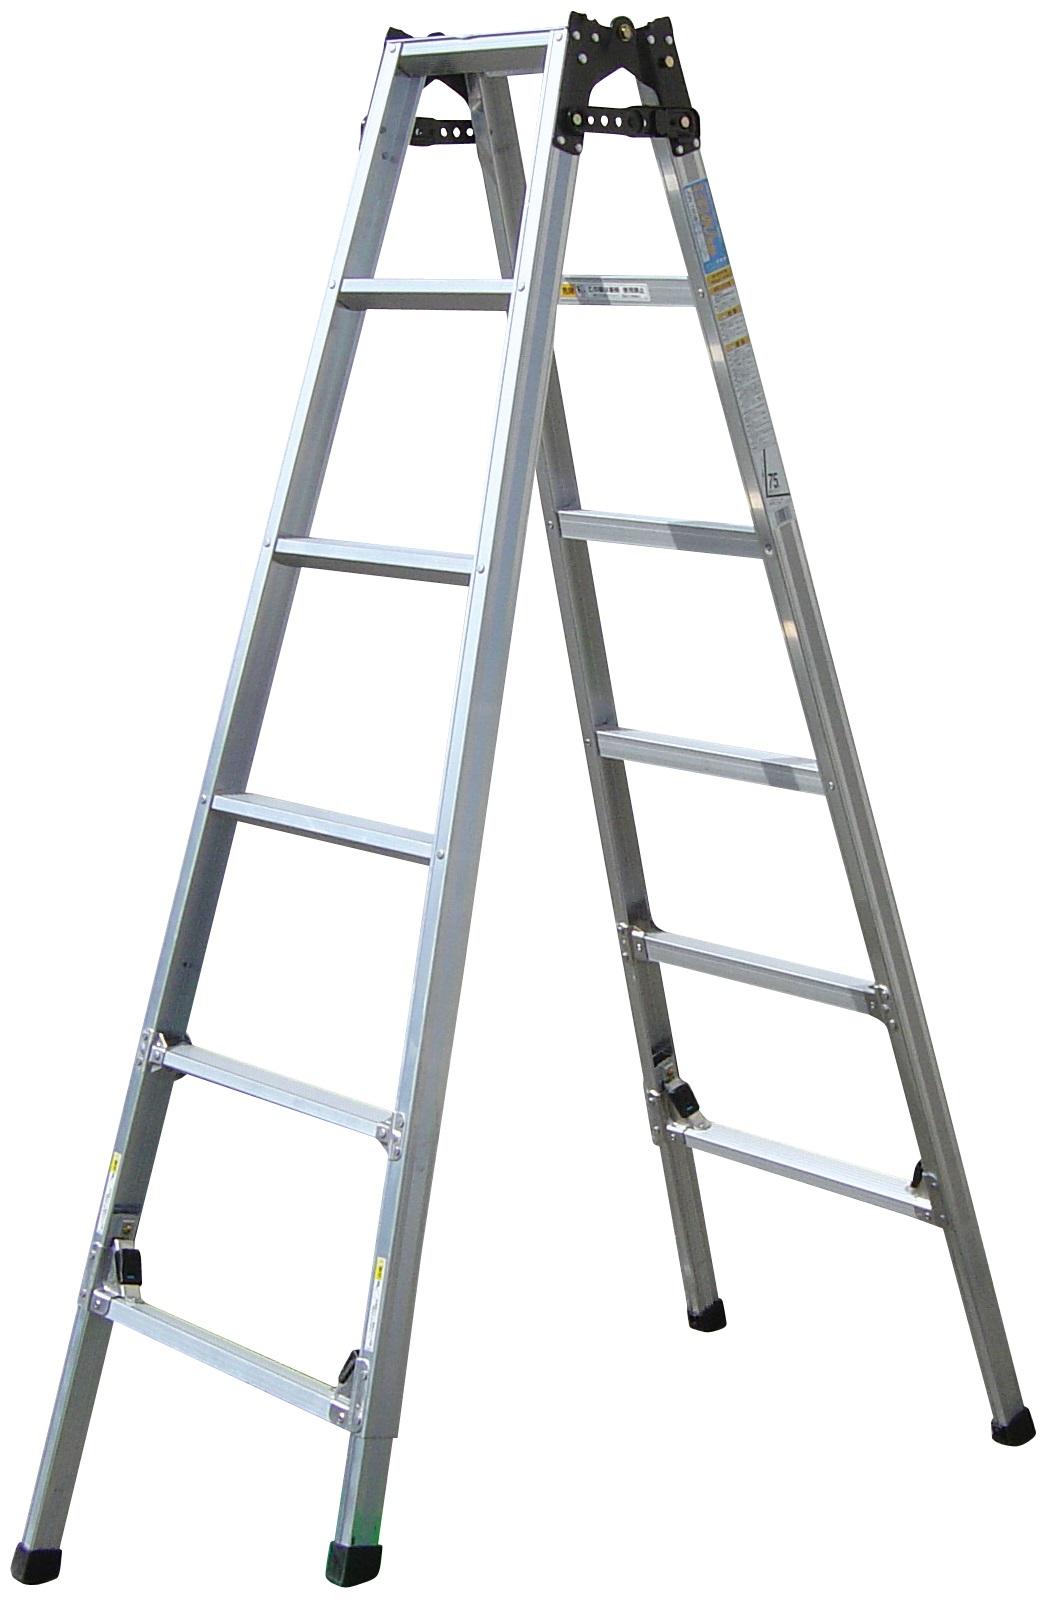 ケンヨウキャタツ のび太郎 四脚調節式 はしご兼用脚立